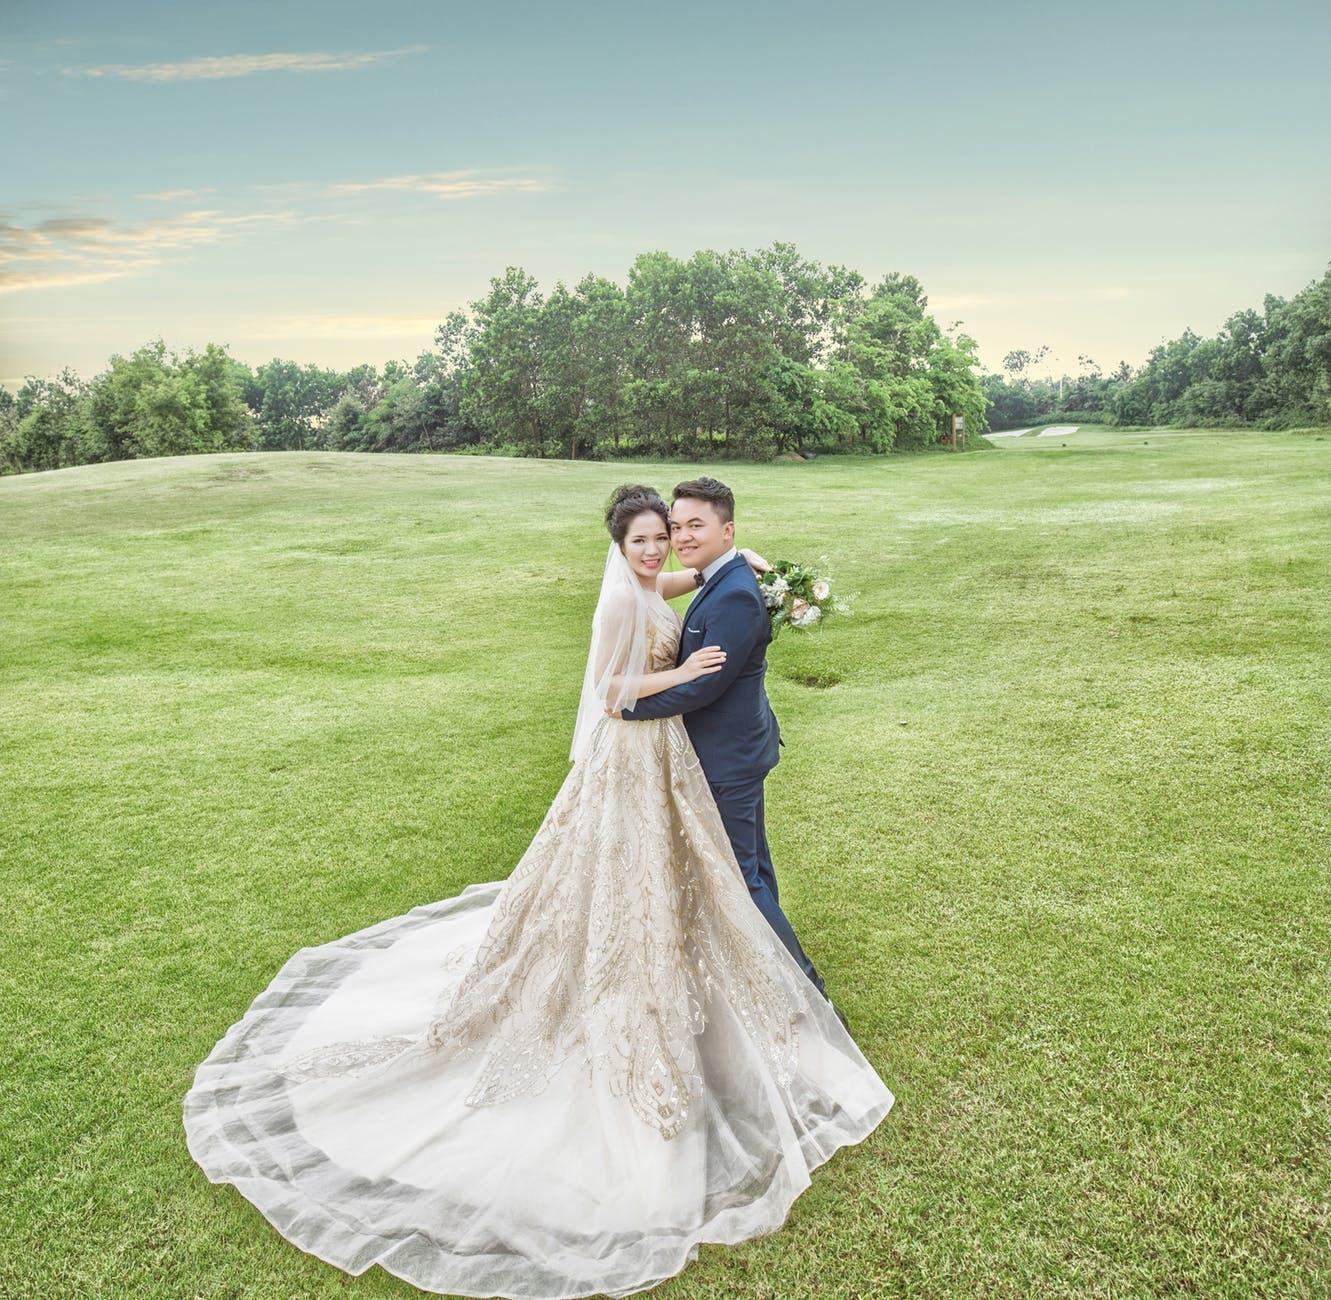 Best Wedding Trends For 2019